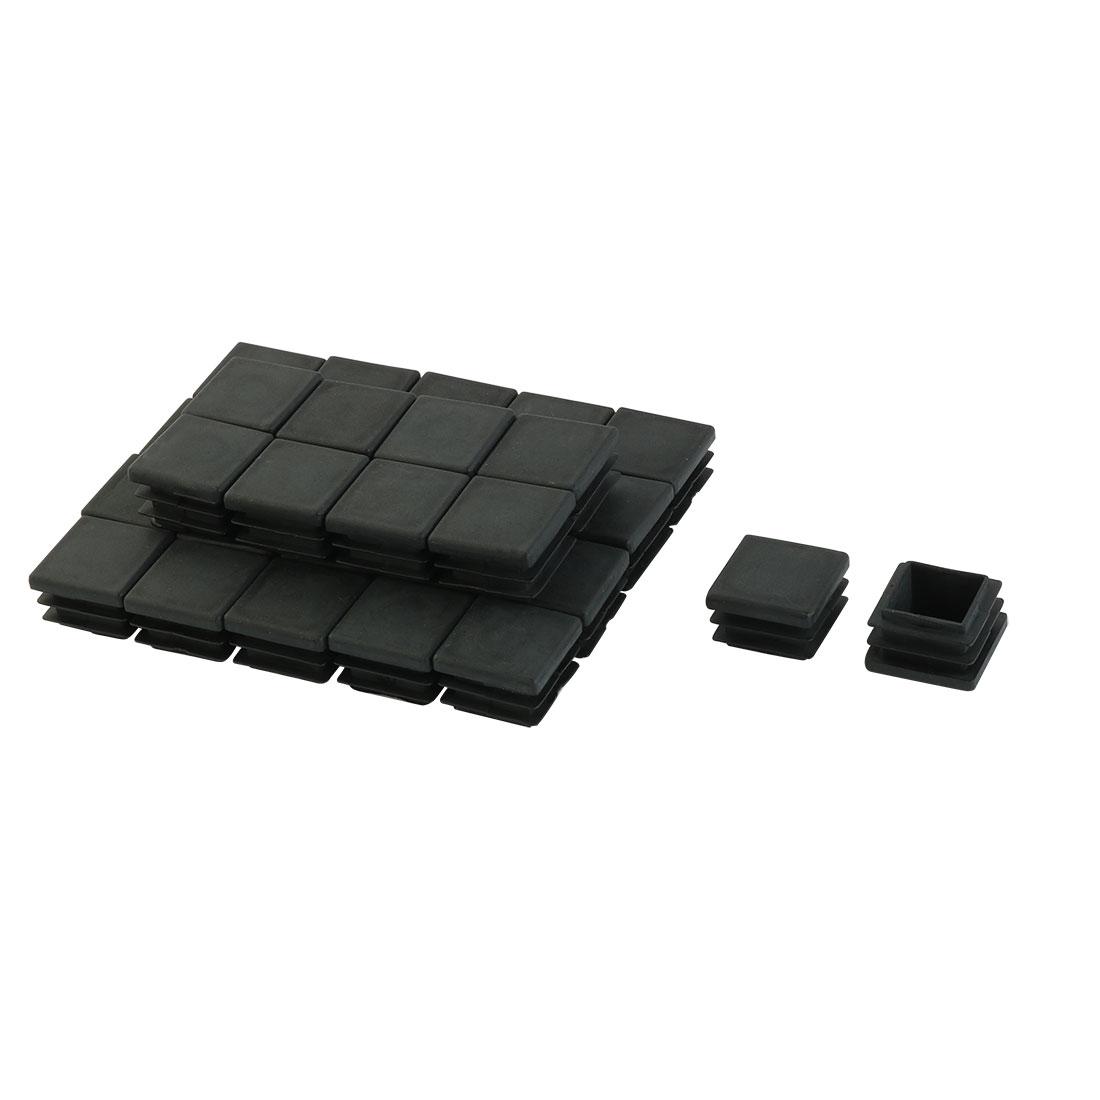 20mm x 20mm Plastic Square End Caps Tubing Tube Inserts Black 30 Pcs